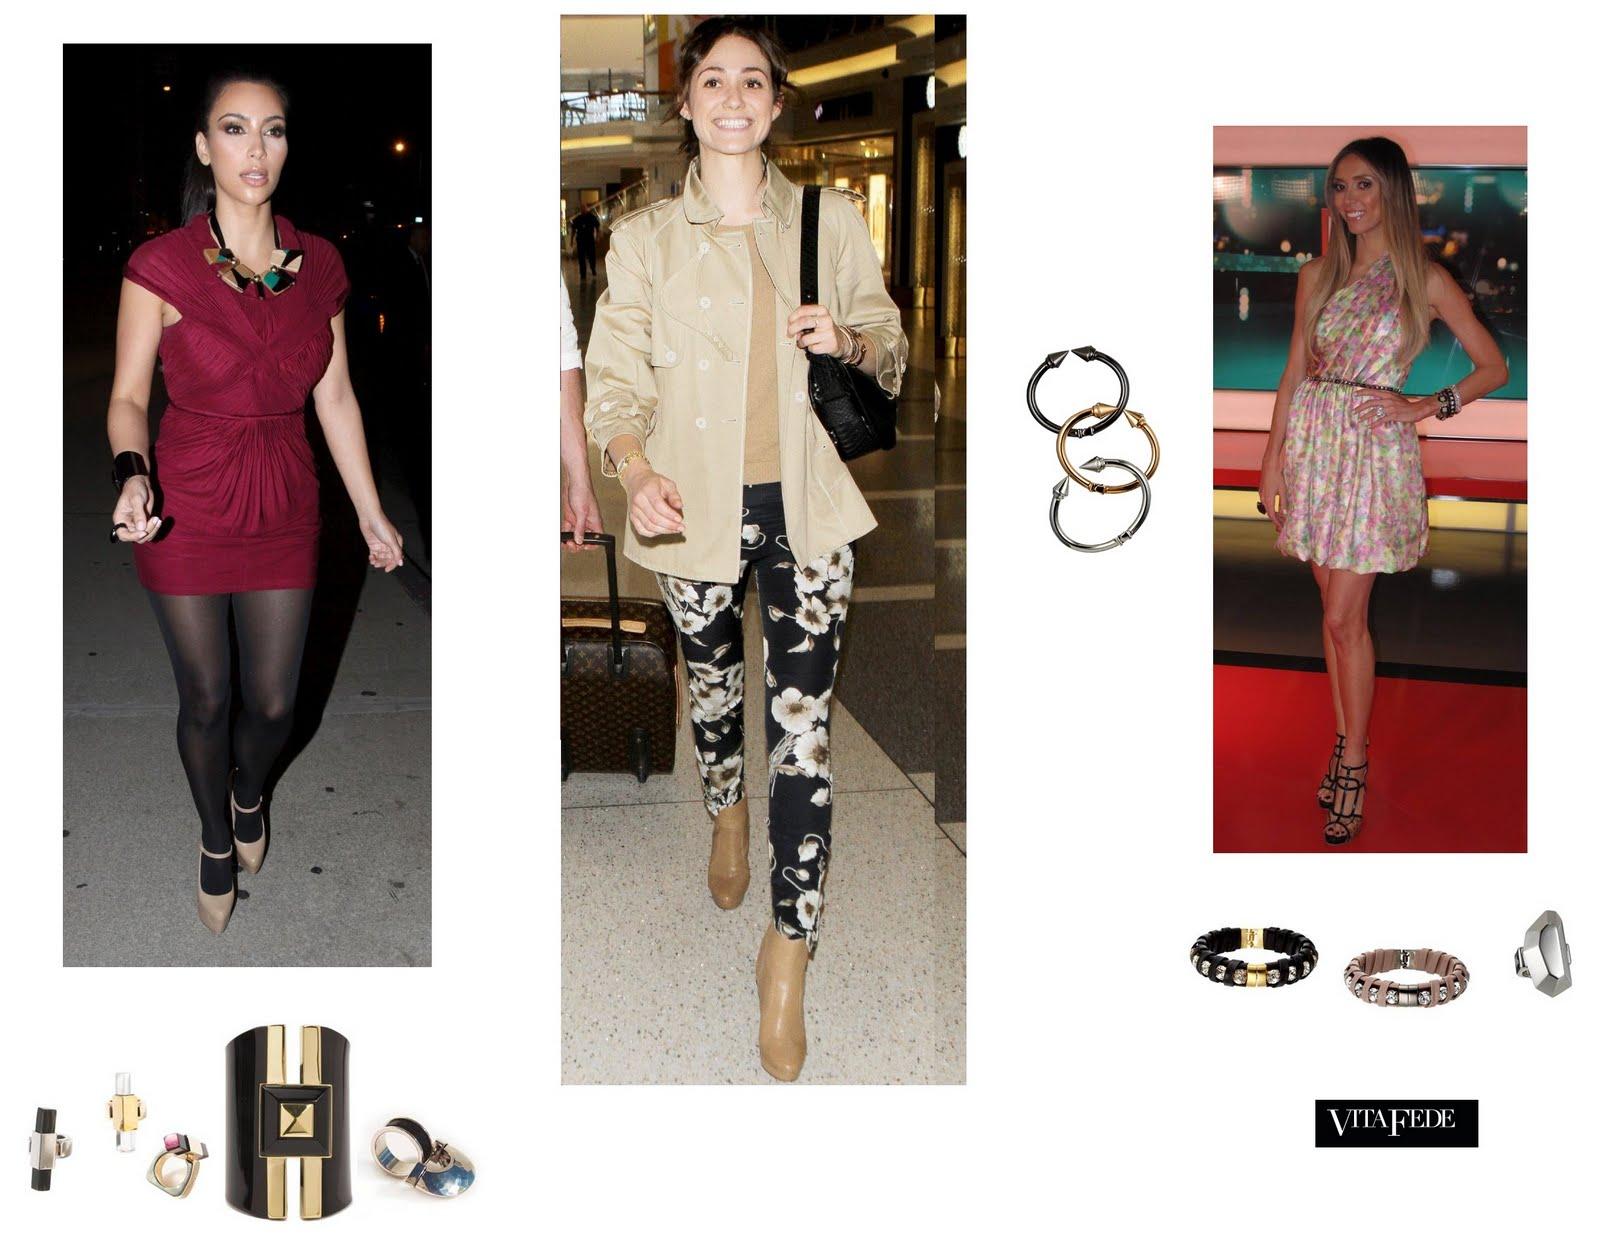 http://2.bp.blogspot.com/-4QhVMQ7OaOU/TehP7IBPDkI/AAAAAAAAFuM/bftvsqu-BYg/s1600/Kim+Kardashian+Jewelry+-+Vita+Fede.jpg